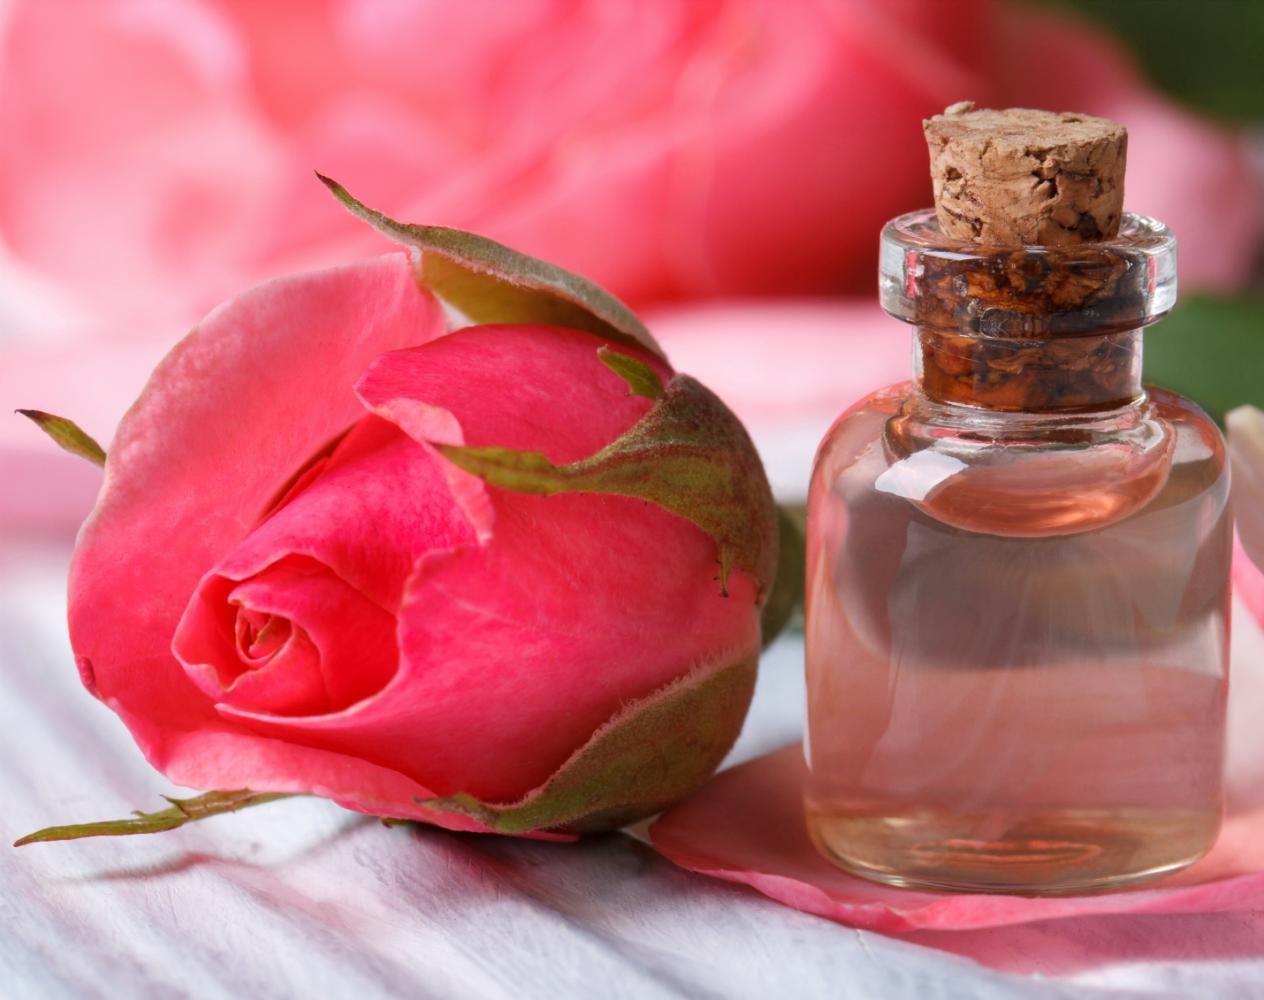 Chiết xuất hoa hồng có tác dụng rửa sạch da rất tốt